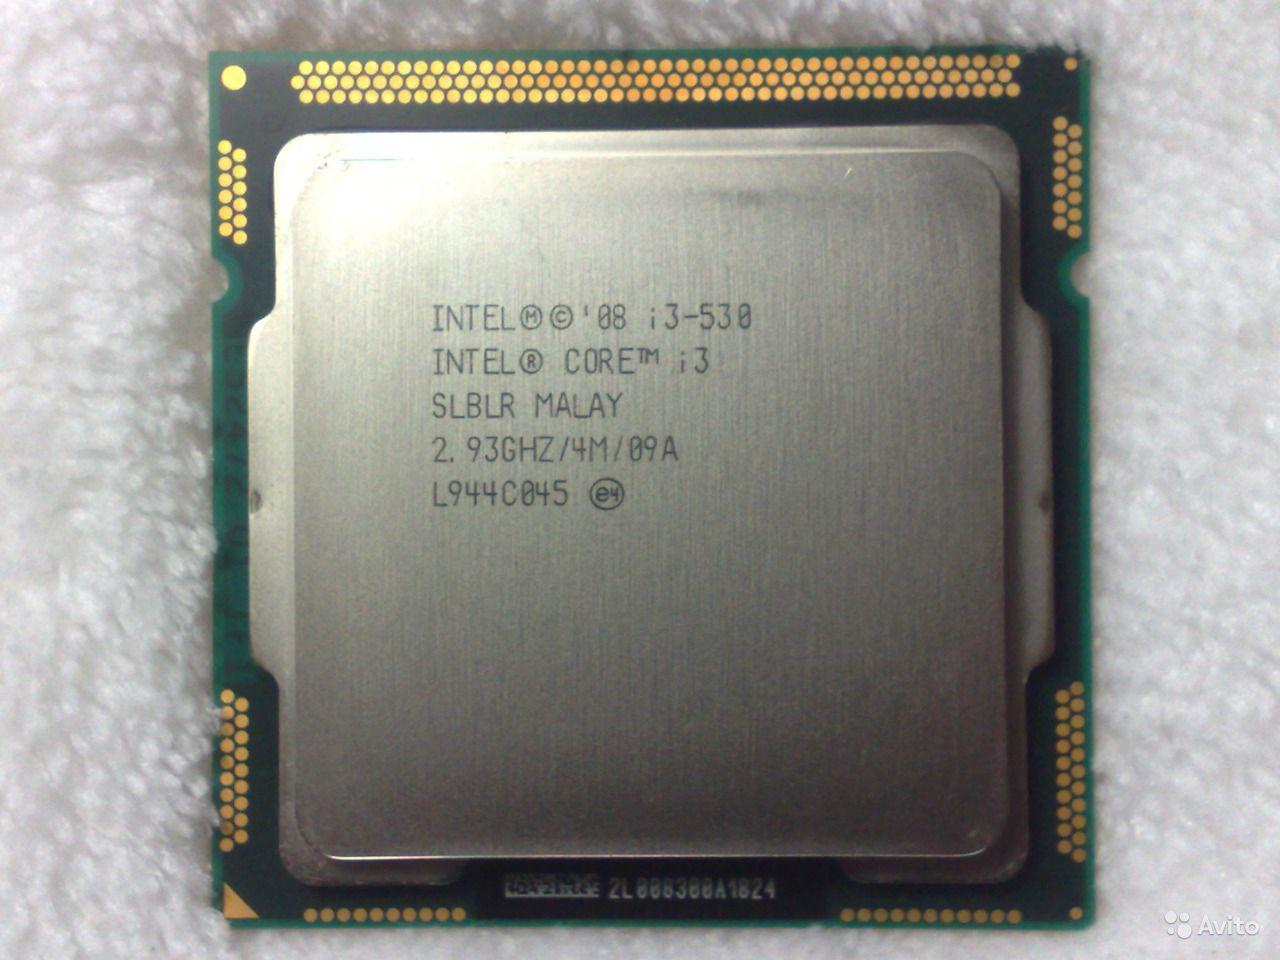 МОЩНЫЙ Процессор для ПК Intel Core i3-530, s1156, 2.93 GHz, 2ядра, 4M, 1333MHz, 73W (BX80616I3530)